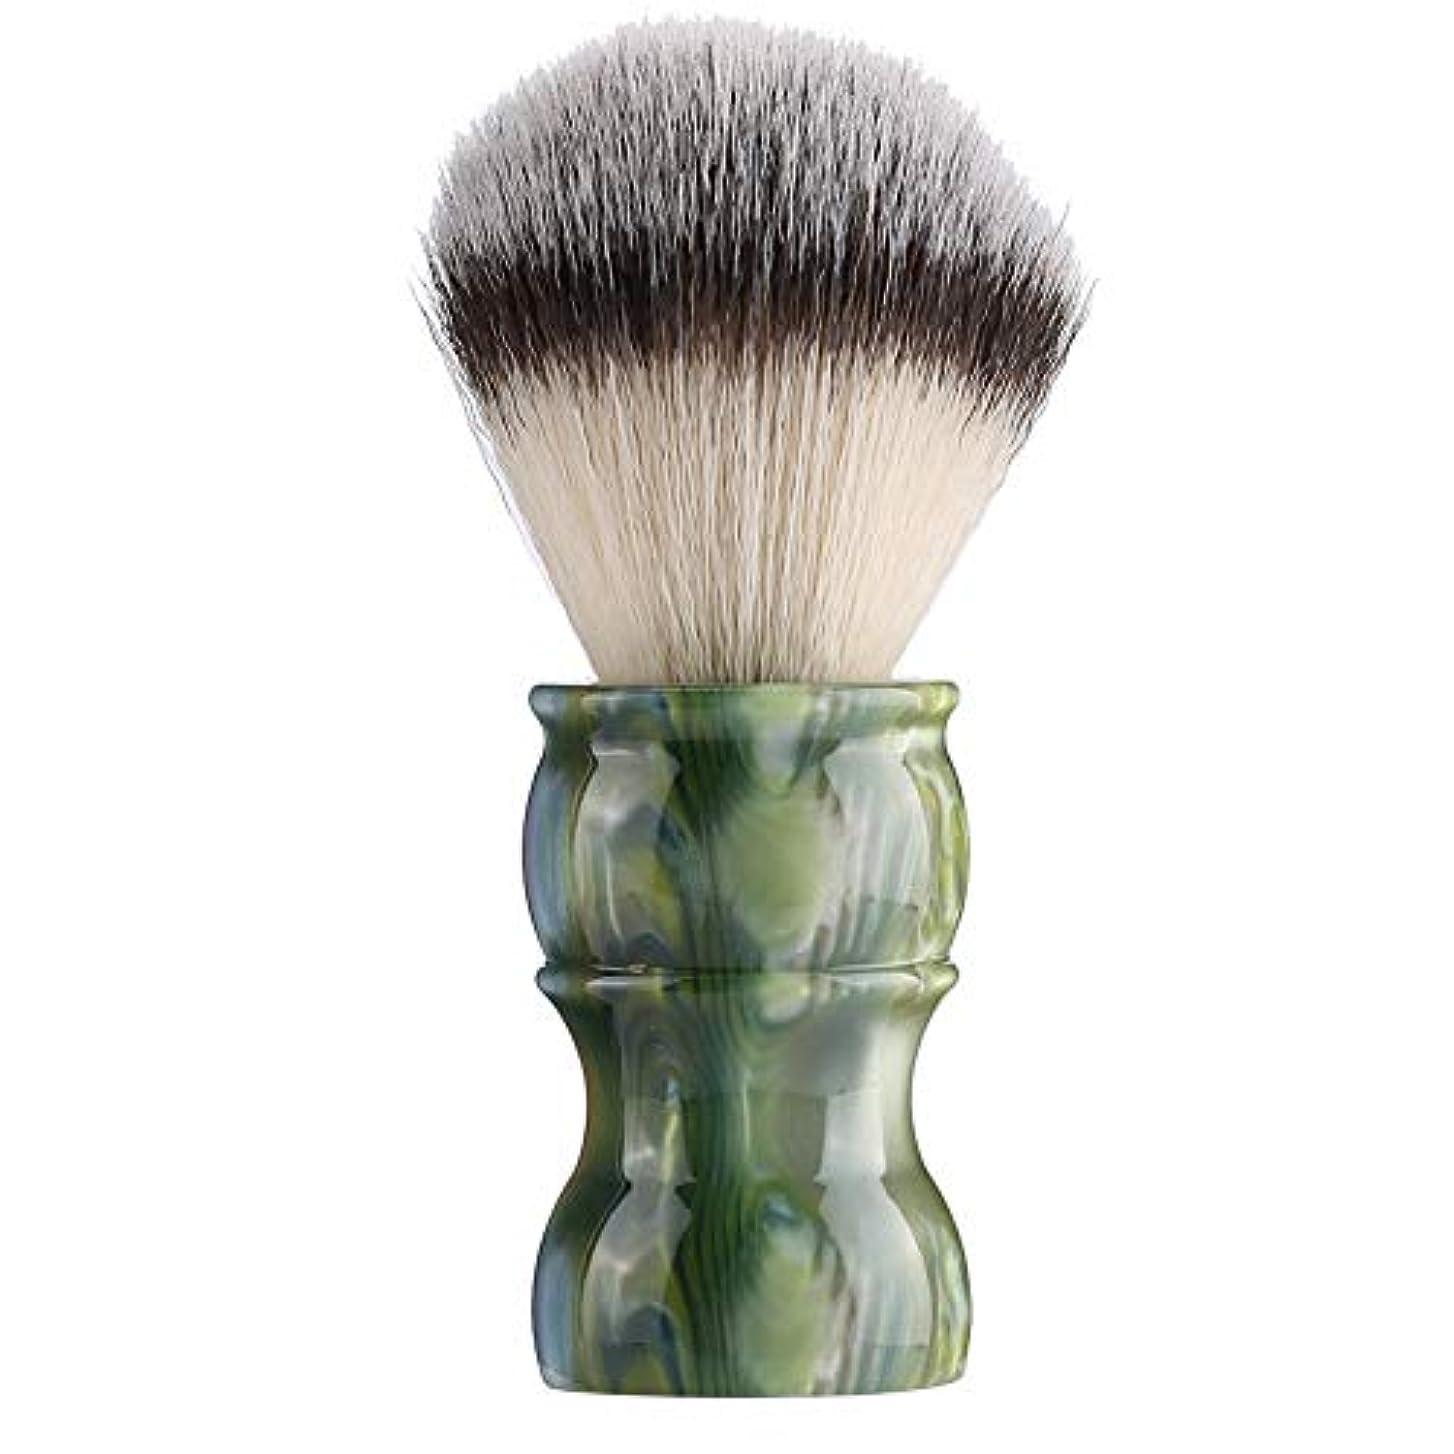 タッチ植生贅沢な専門の手動ひげの剃るブラシ、密集したナイロン毛のきれいな人の口ひげのブラシ家および旅行のための携帯用メンズひげのブラシ(#2)